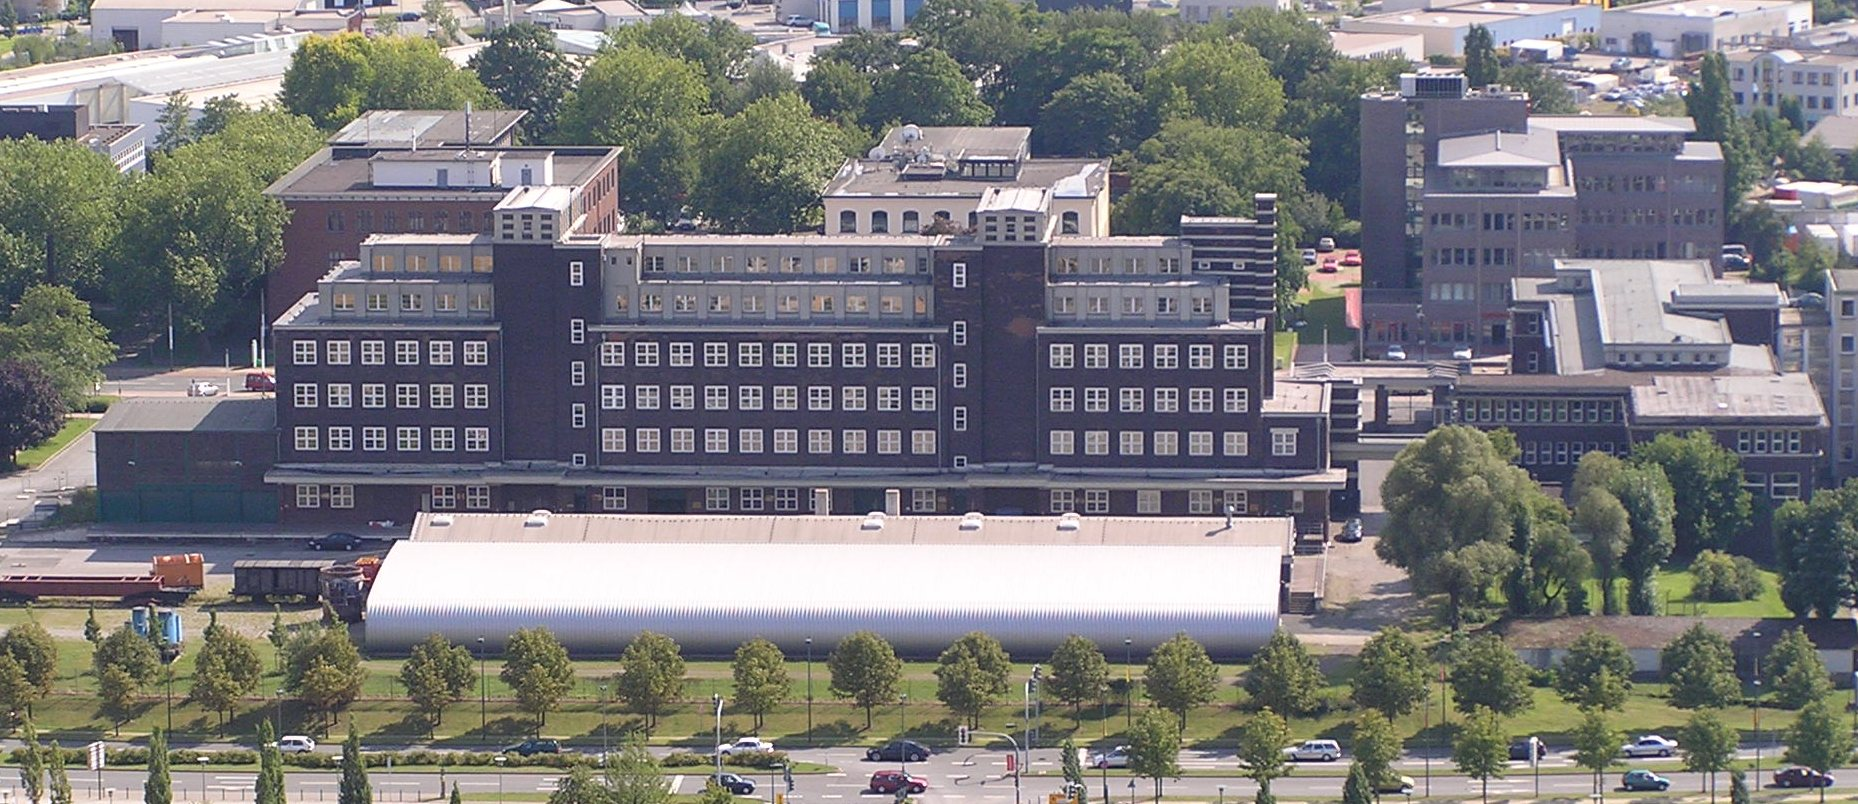 Bild Peter Behrens Lagerhaus Oberhausen